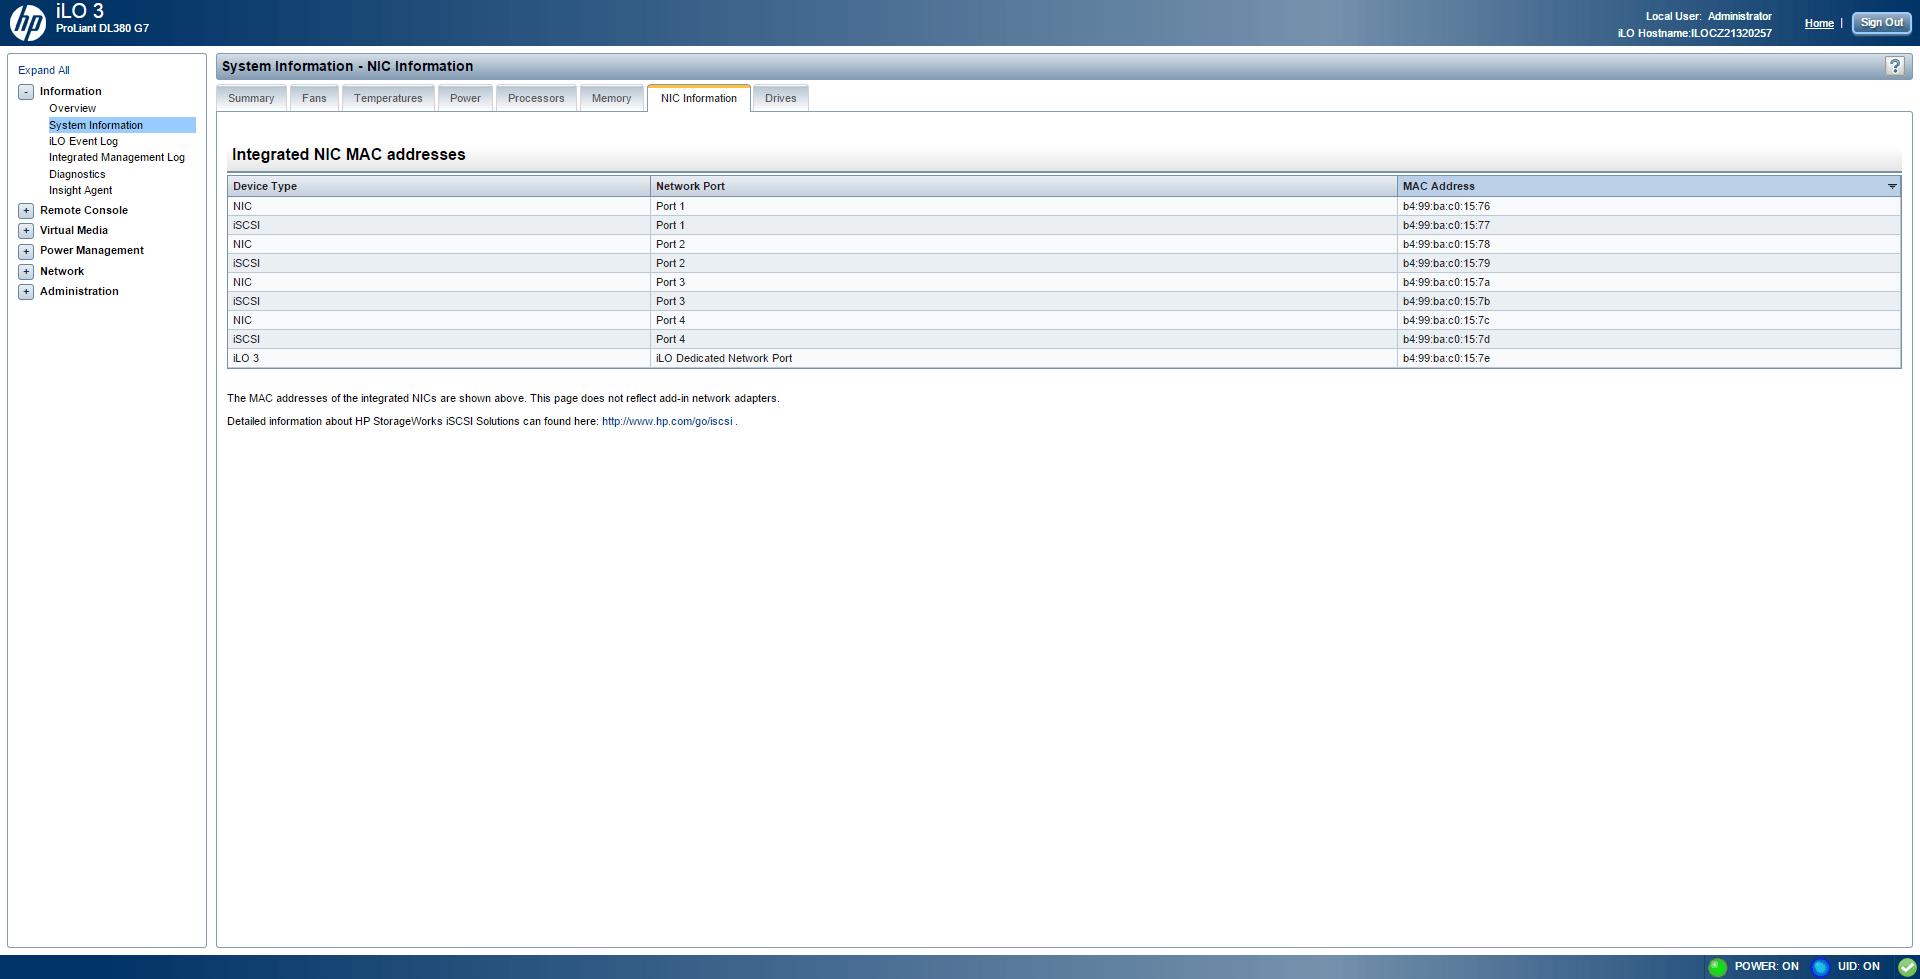 Обзор параметров ILO 3 в HP dl380 g7-09